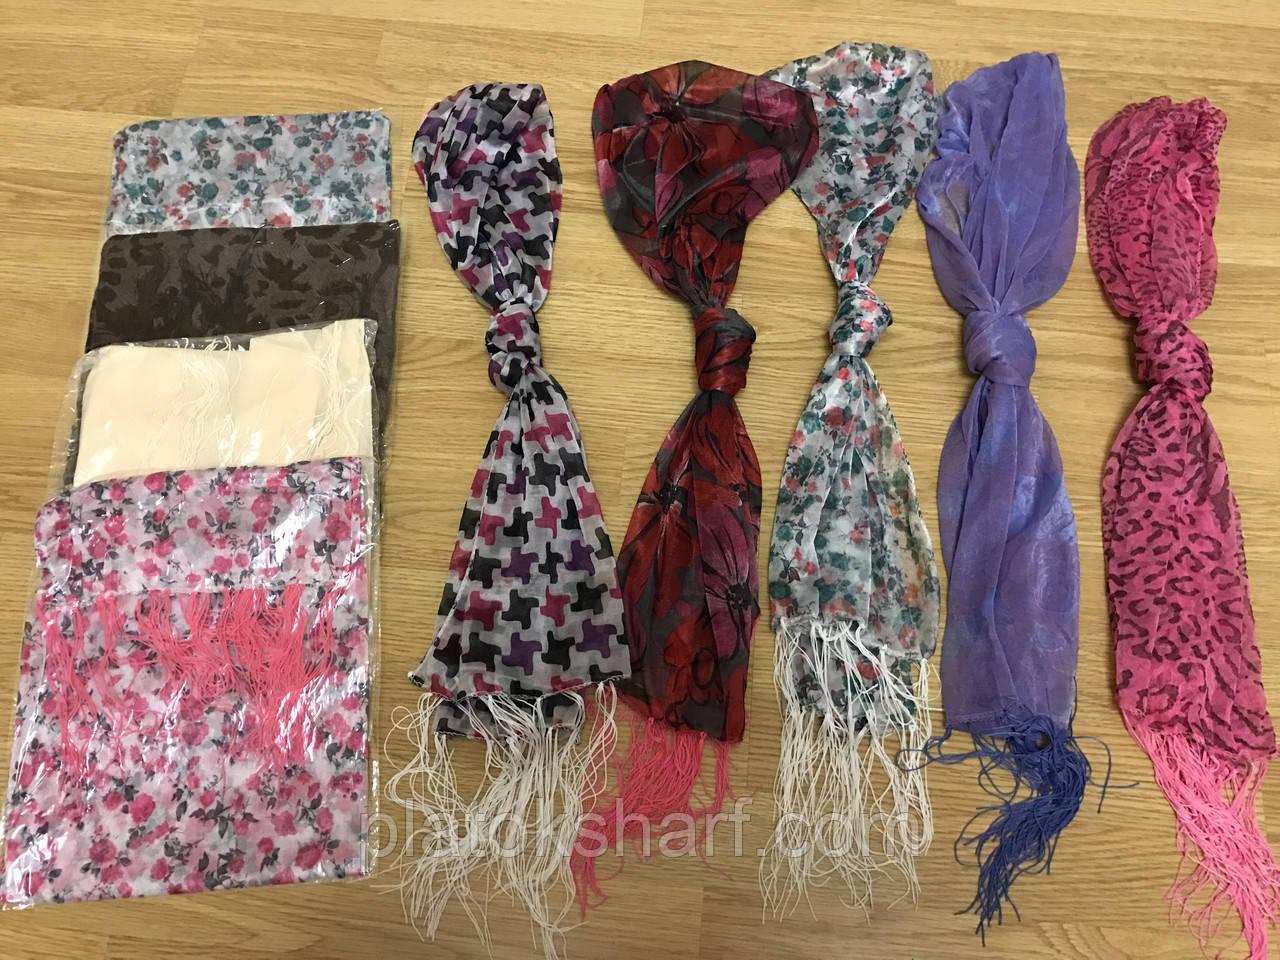 Шарфы, шарфики женские с цветным принтом и висюльками 150+50 см